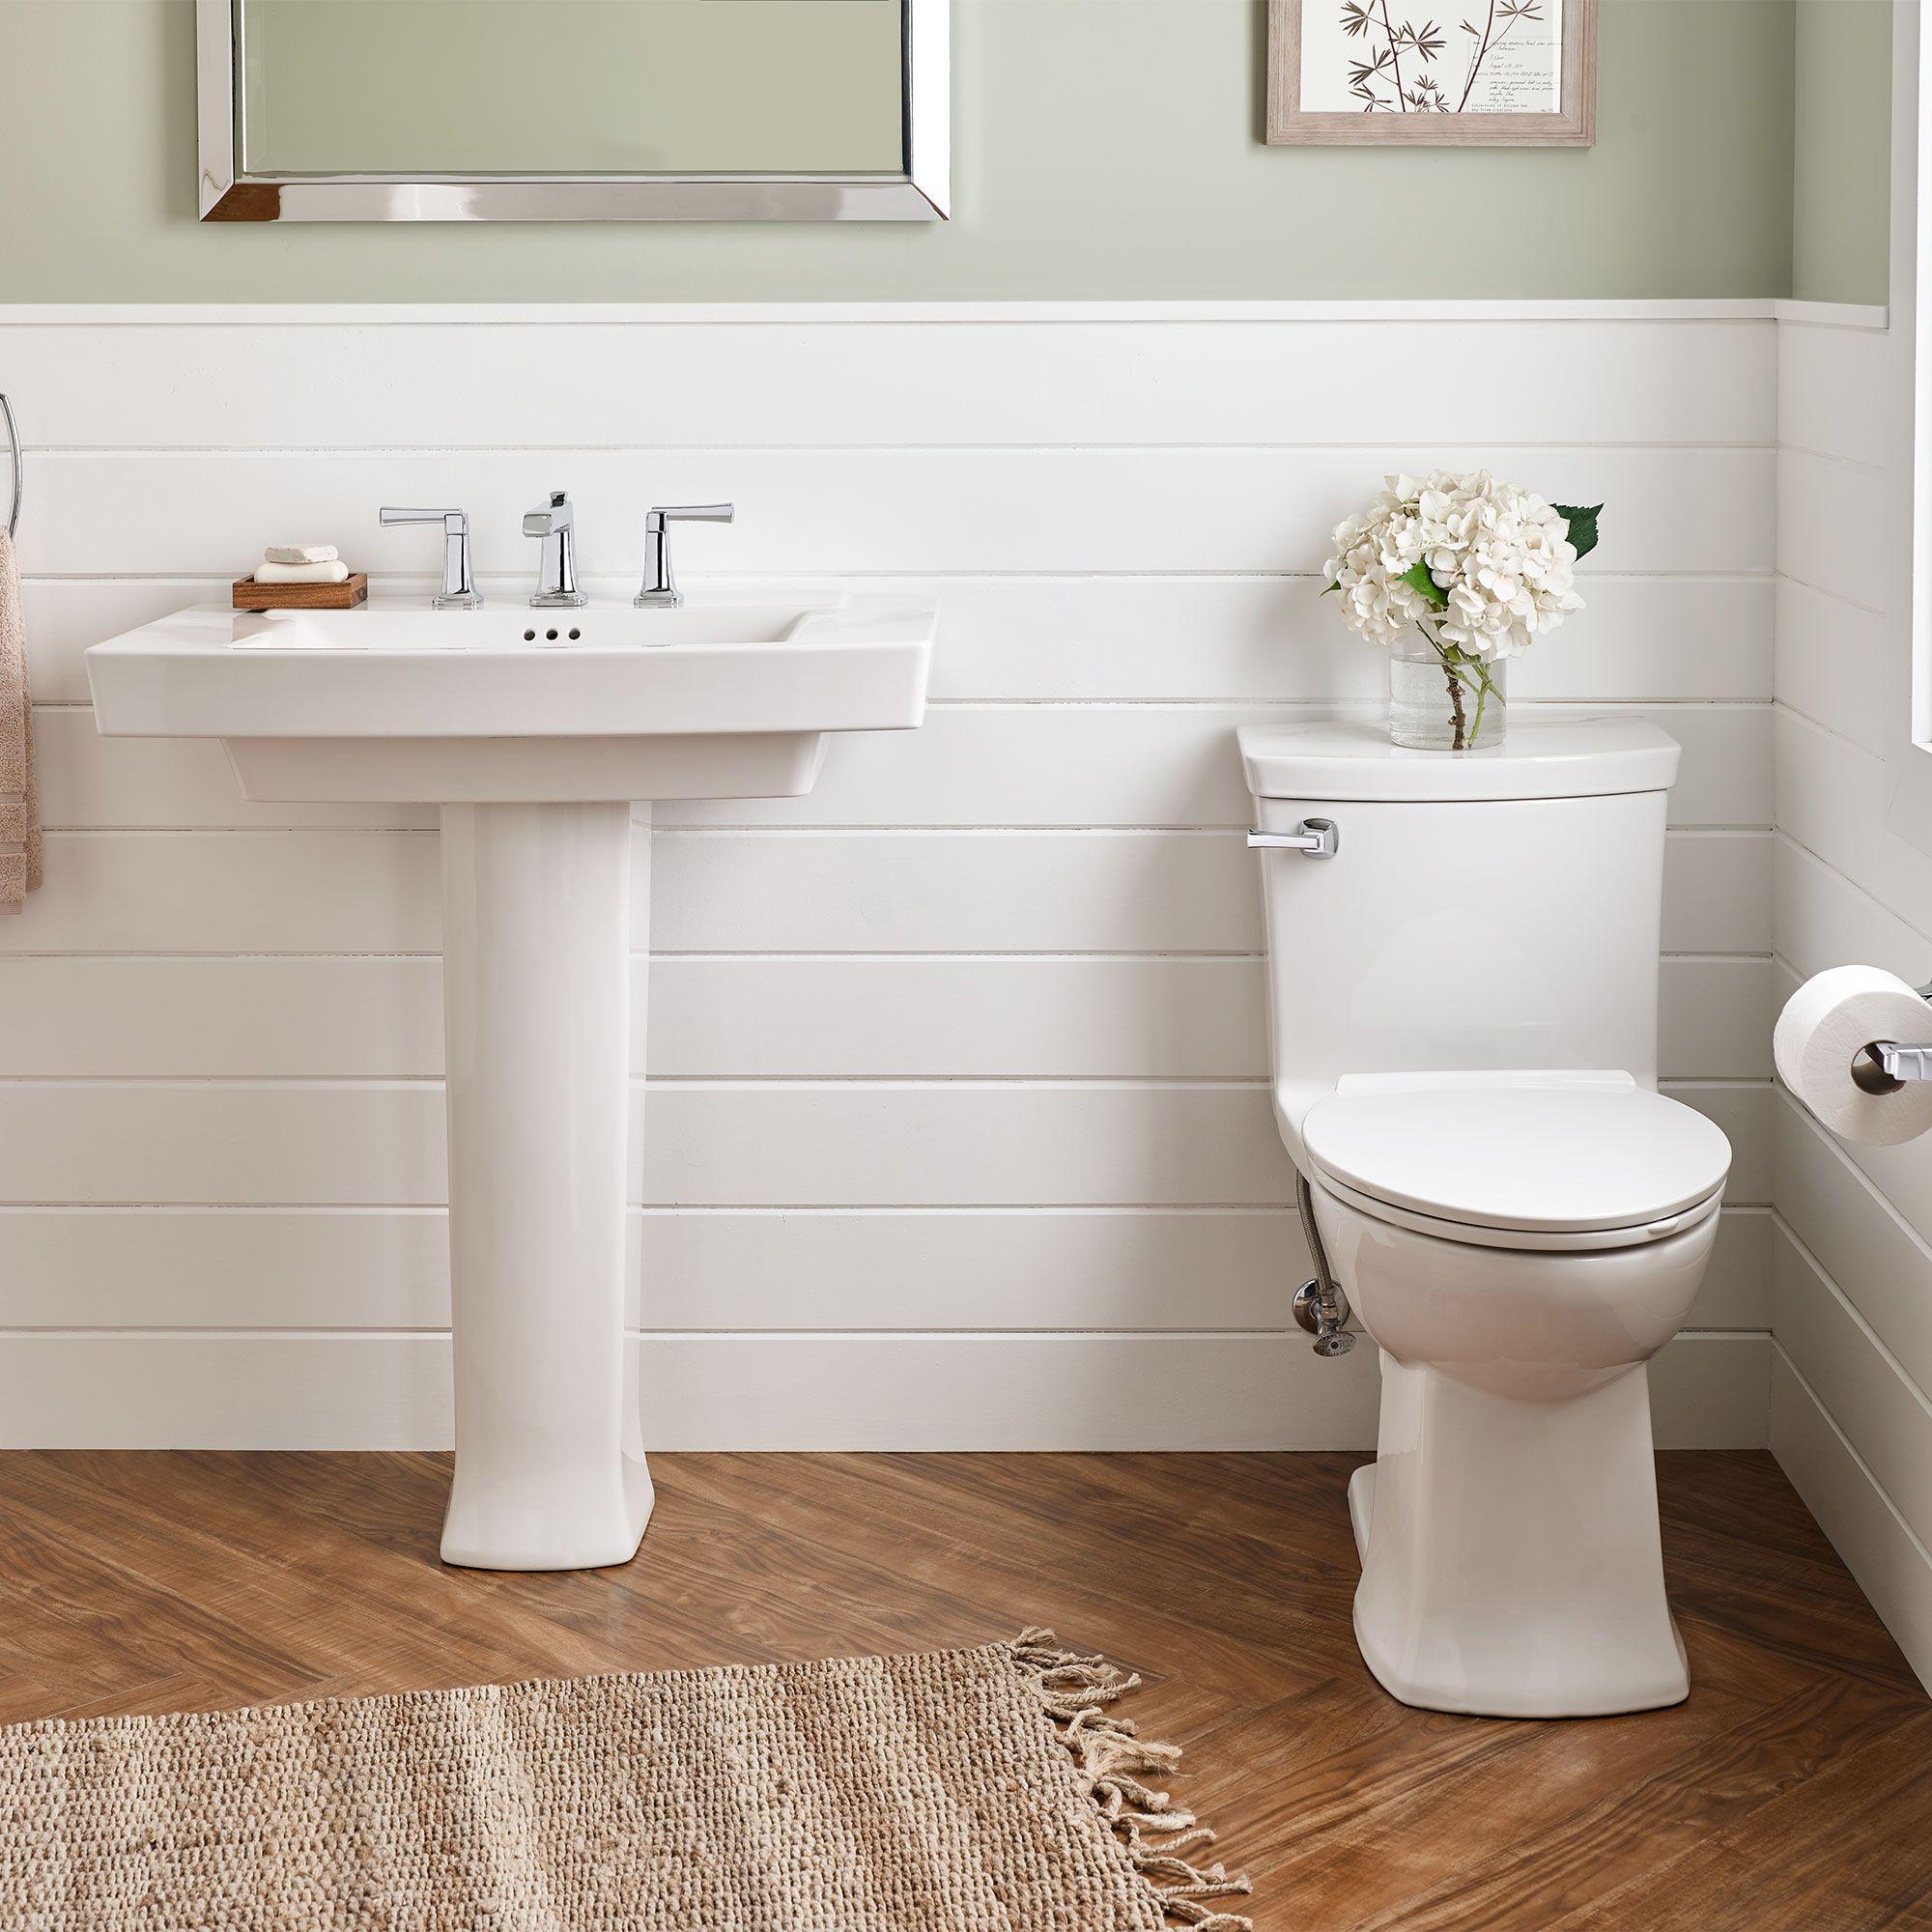 Townsend Pedestal Sink American Standard Bathroom Colors